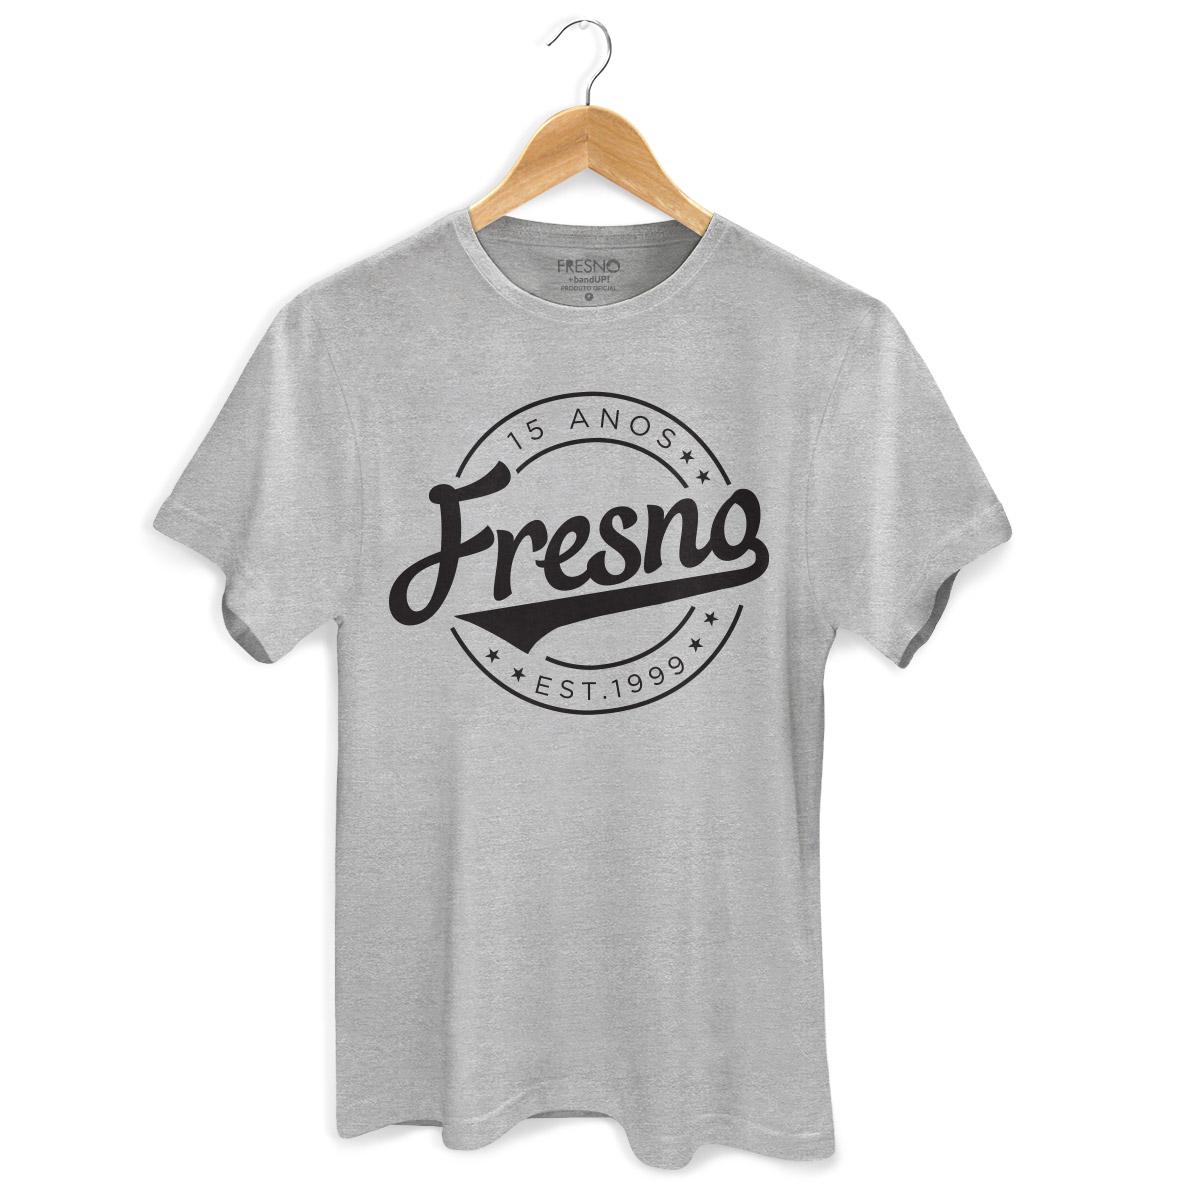 Camiseta Masculina Fresno 15 Anos Est 1999  - bandUP Store Marketplace